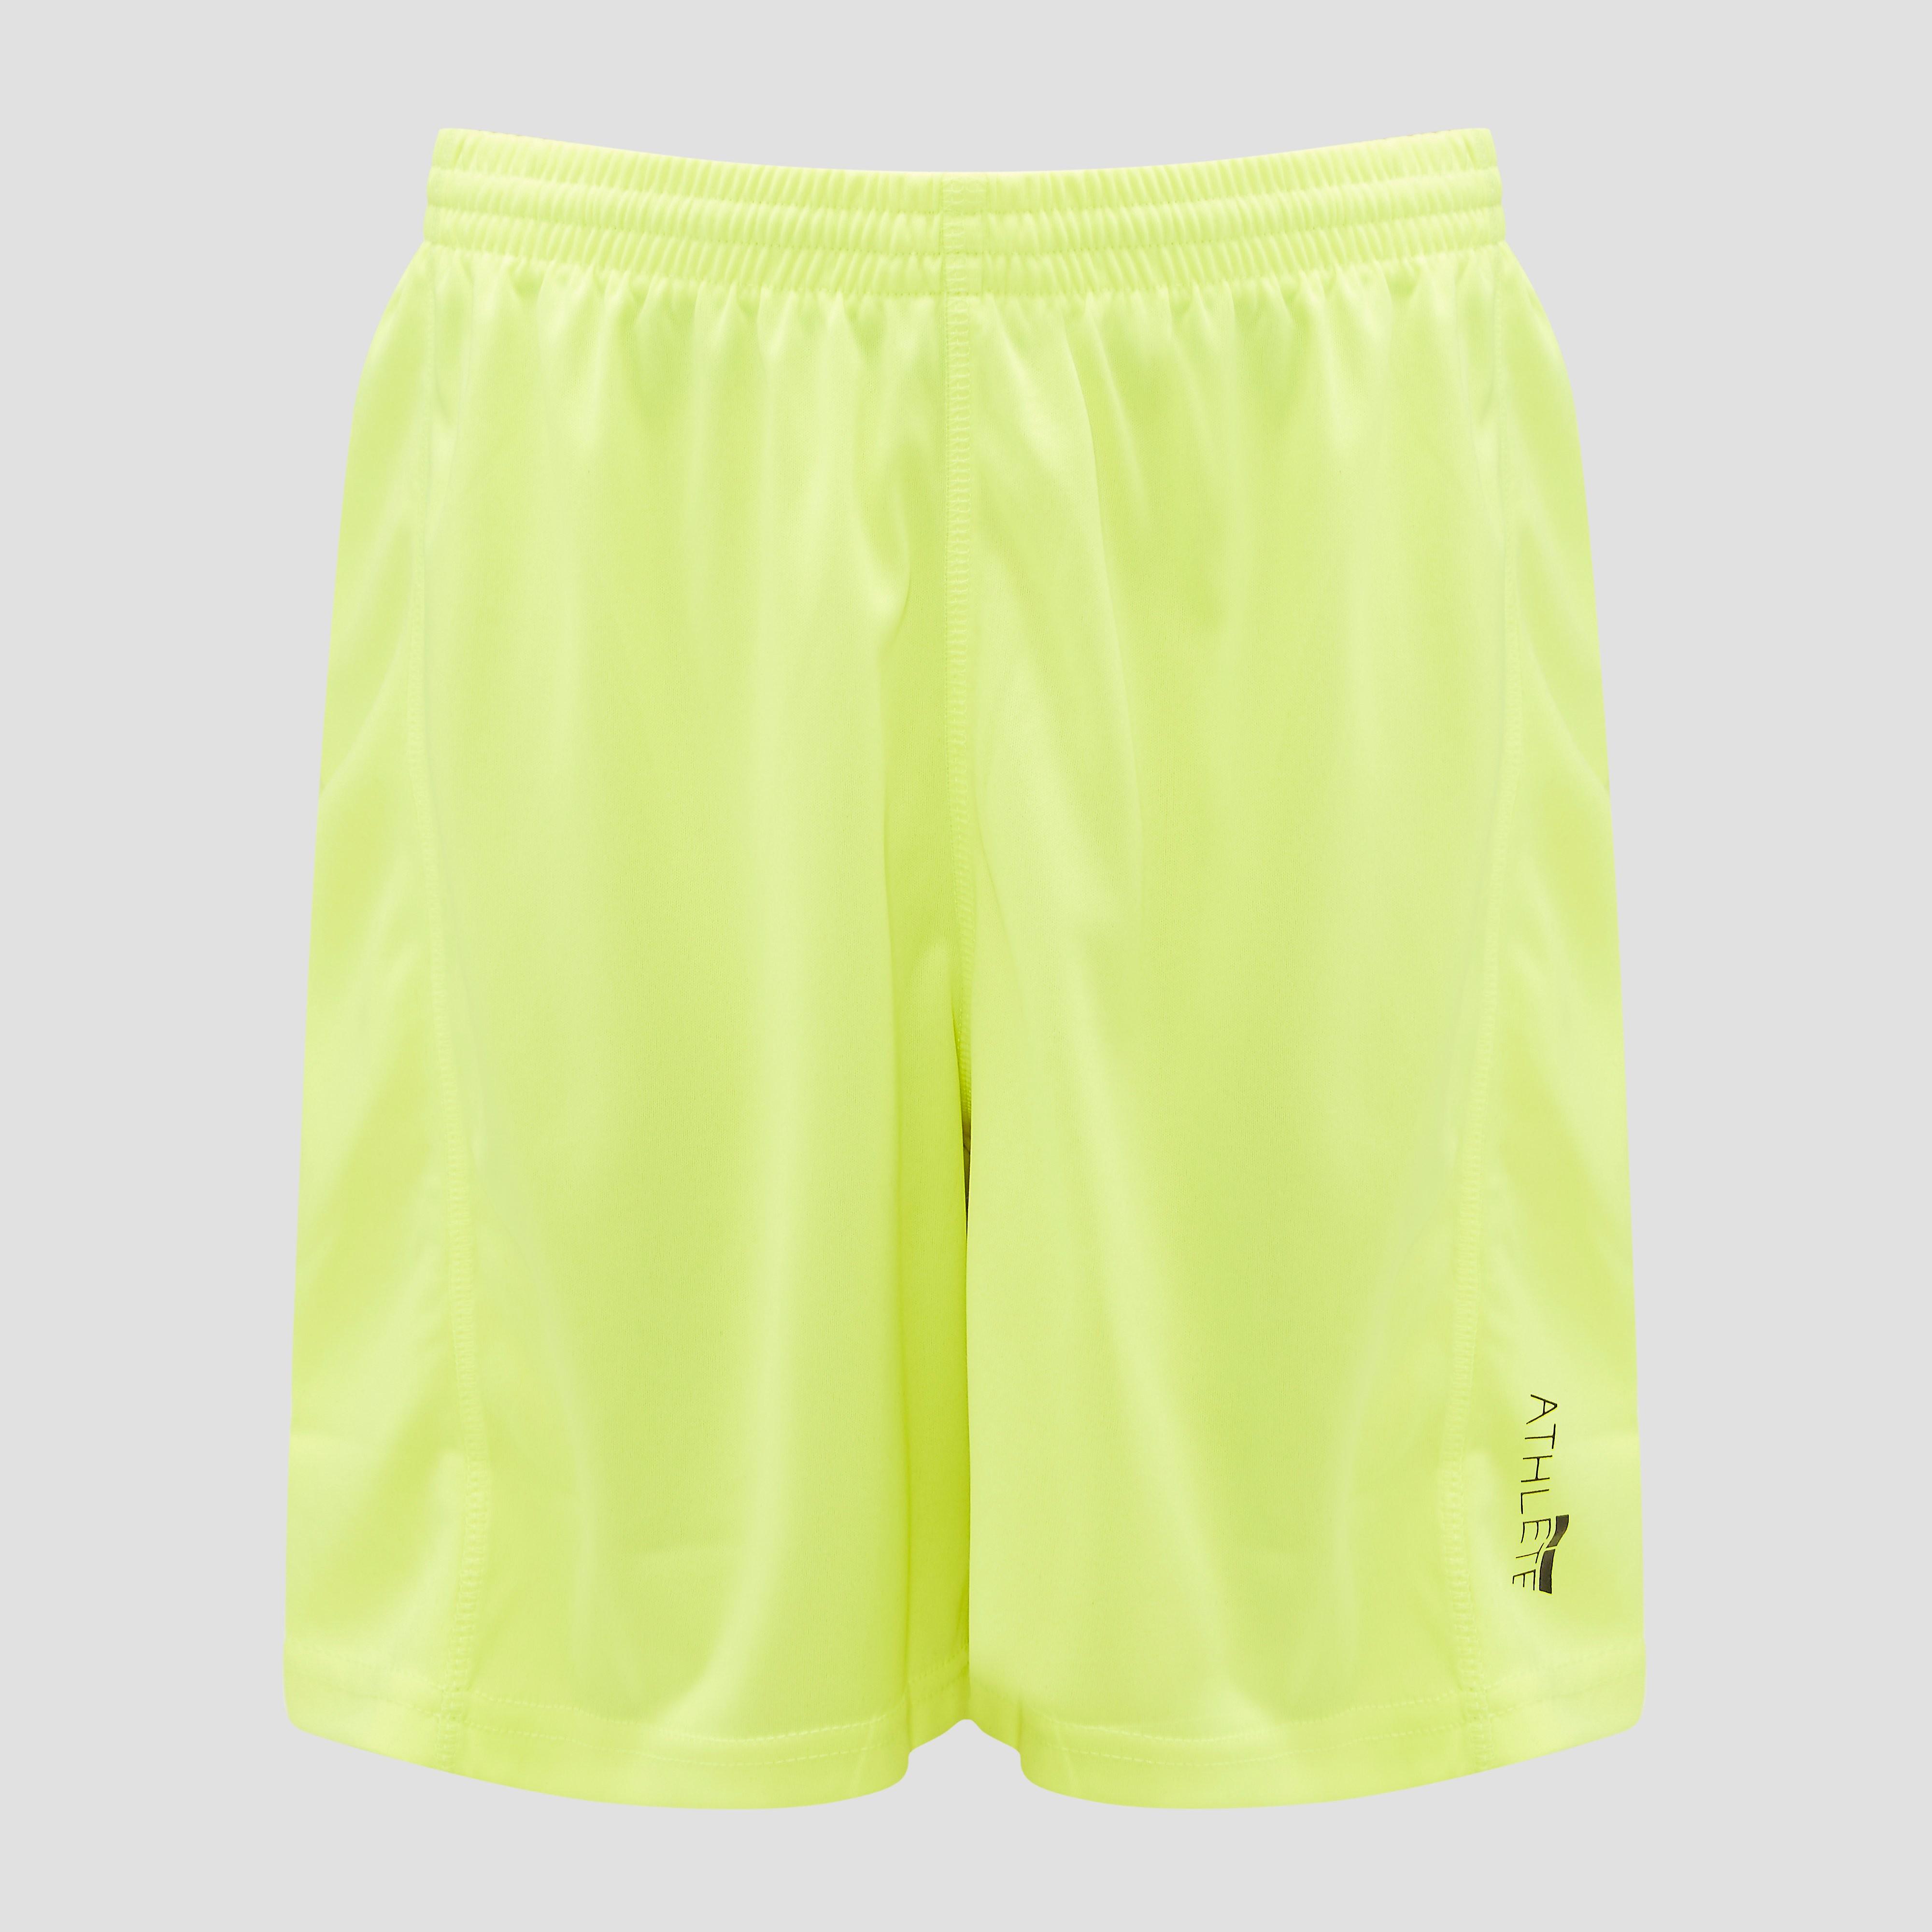 Olly Short Geel Kinderen - Yellow